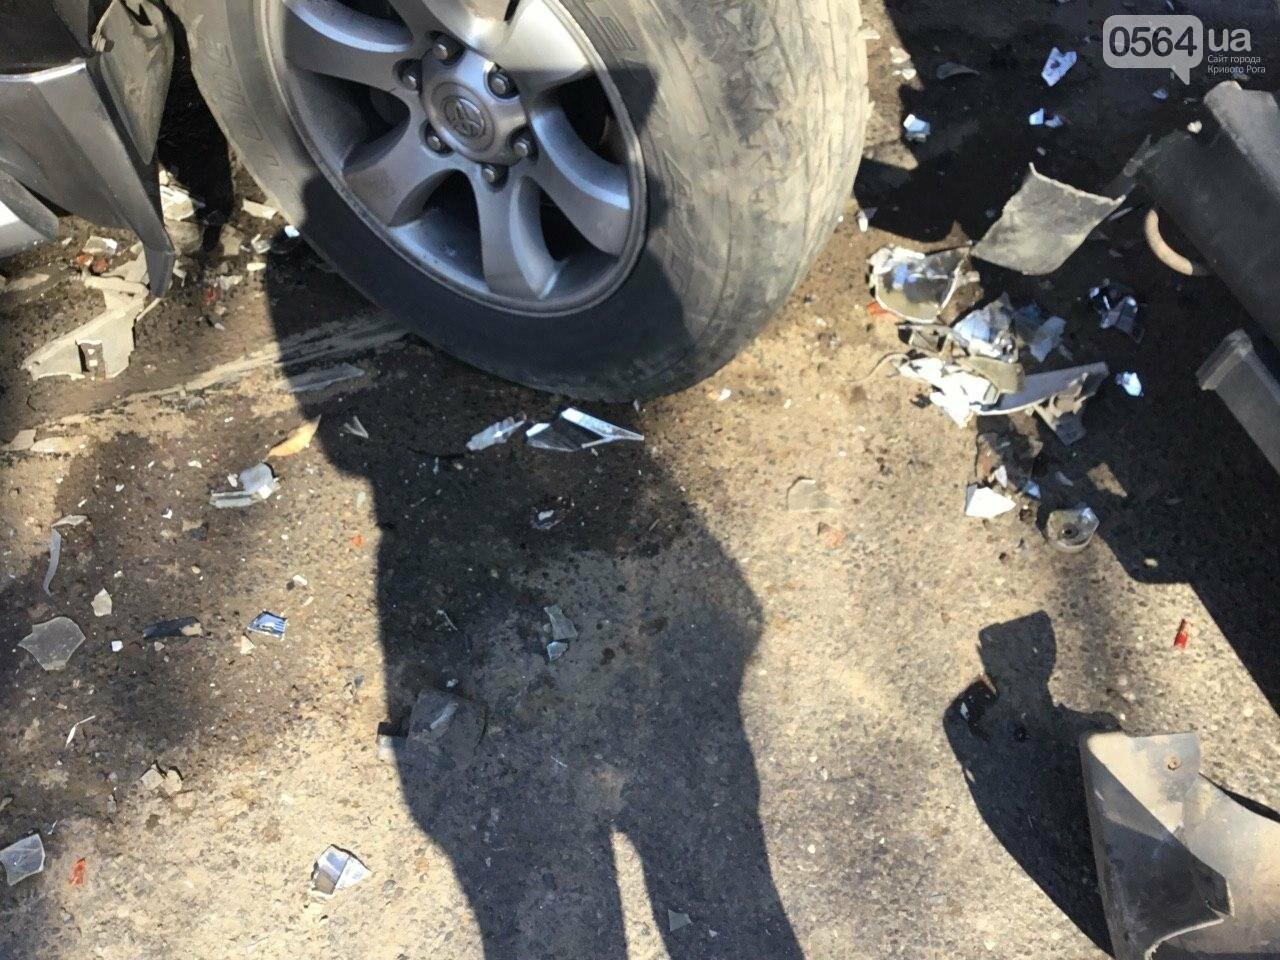 На центральном проспекте Кривого Рога столкнулись 4 автомобиля, - ФОТО, фото-13